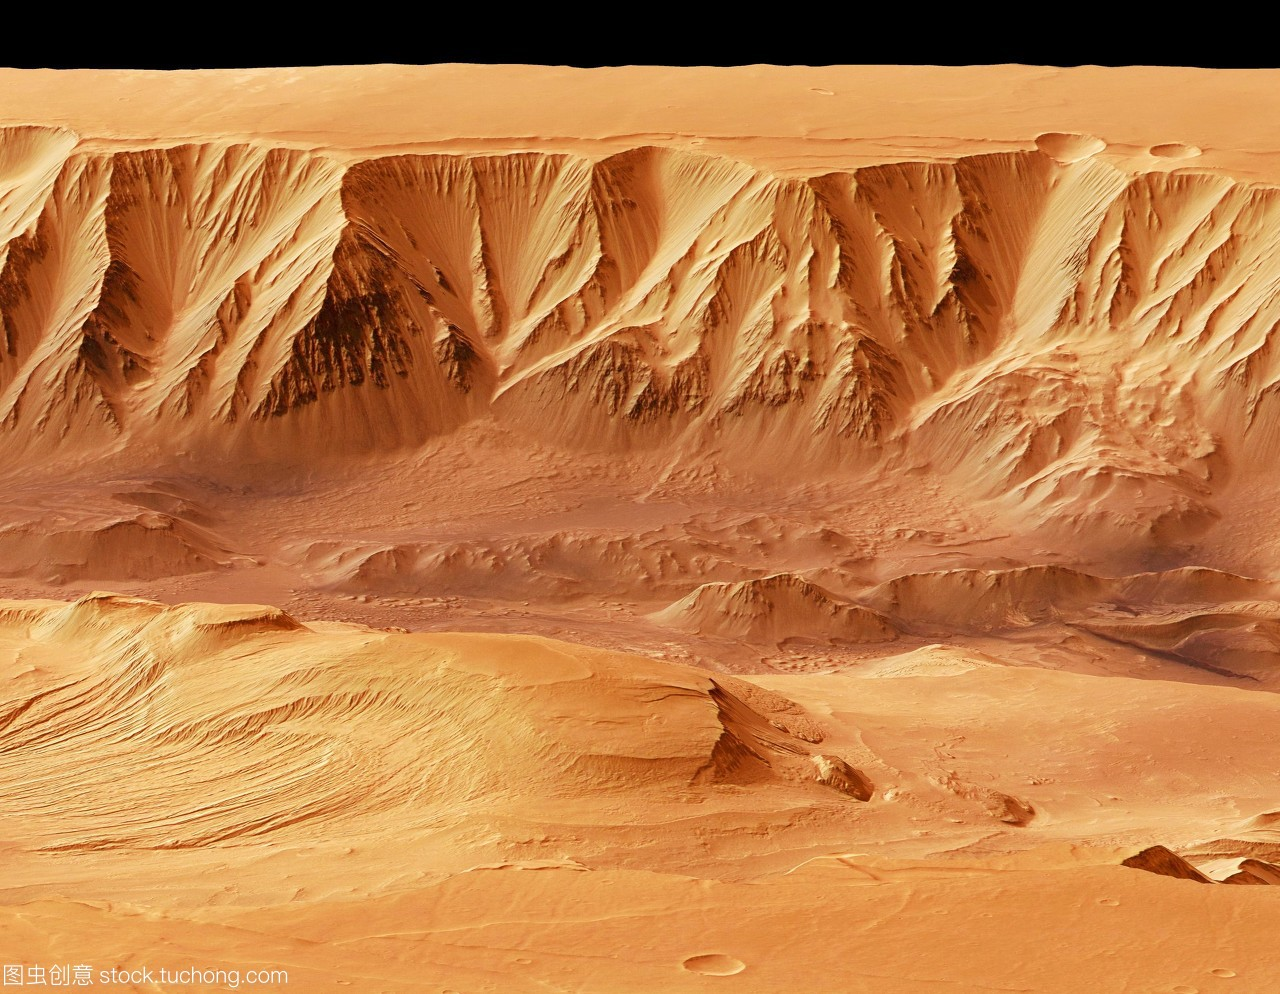 三维这是,基于卫星高中的火星图像。峡谷火星苏教版数据物理pdf图片